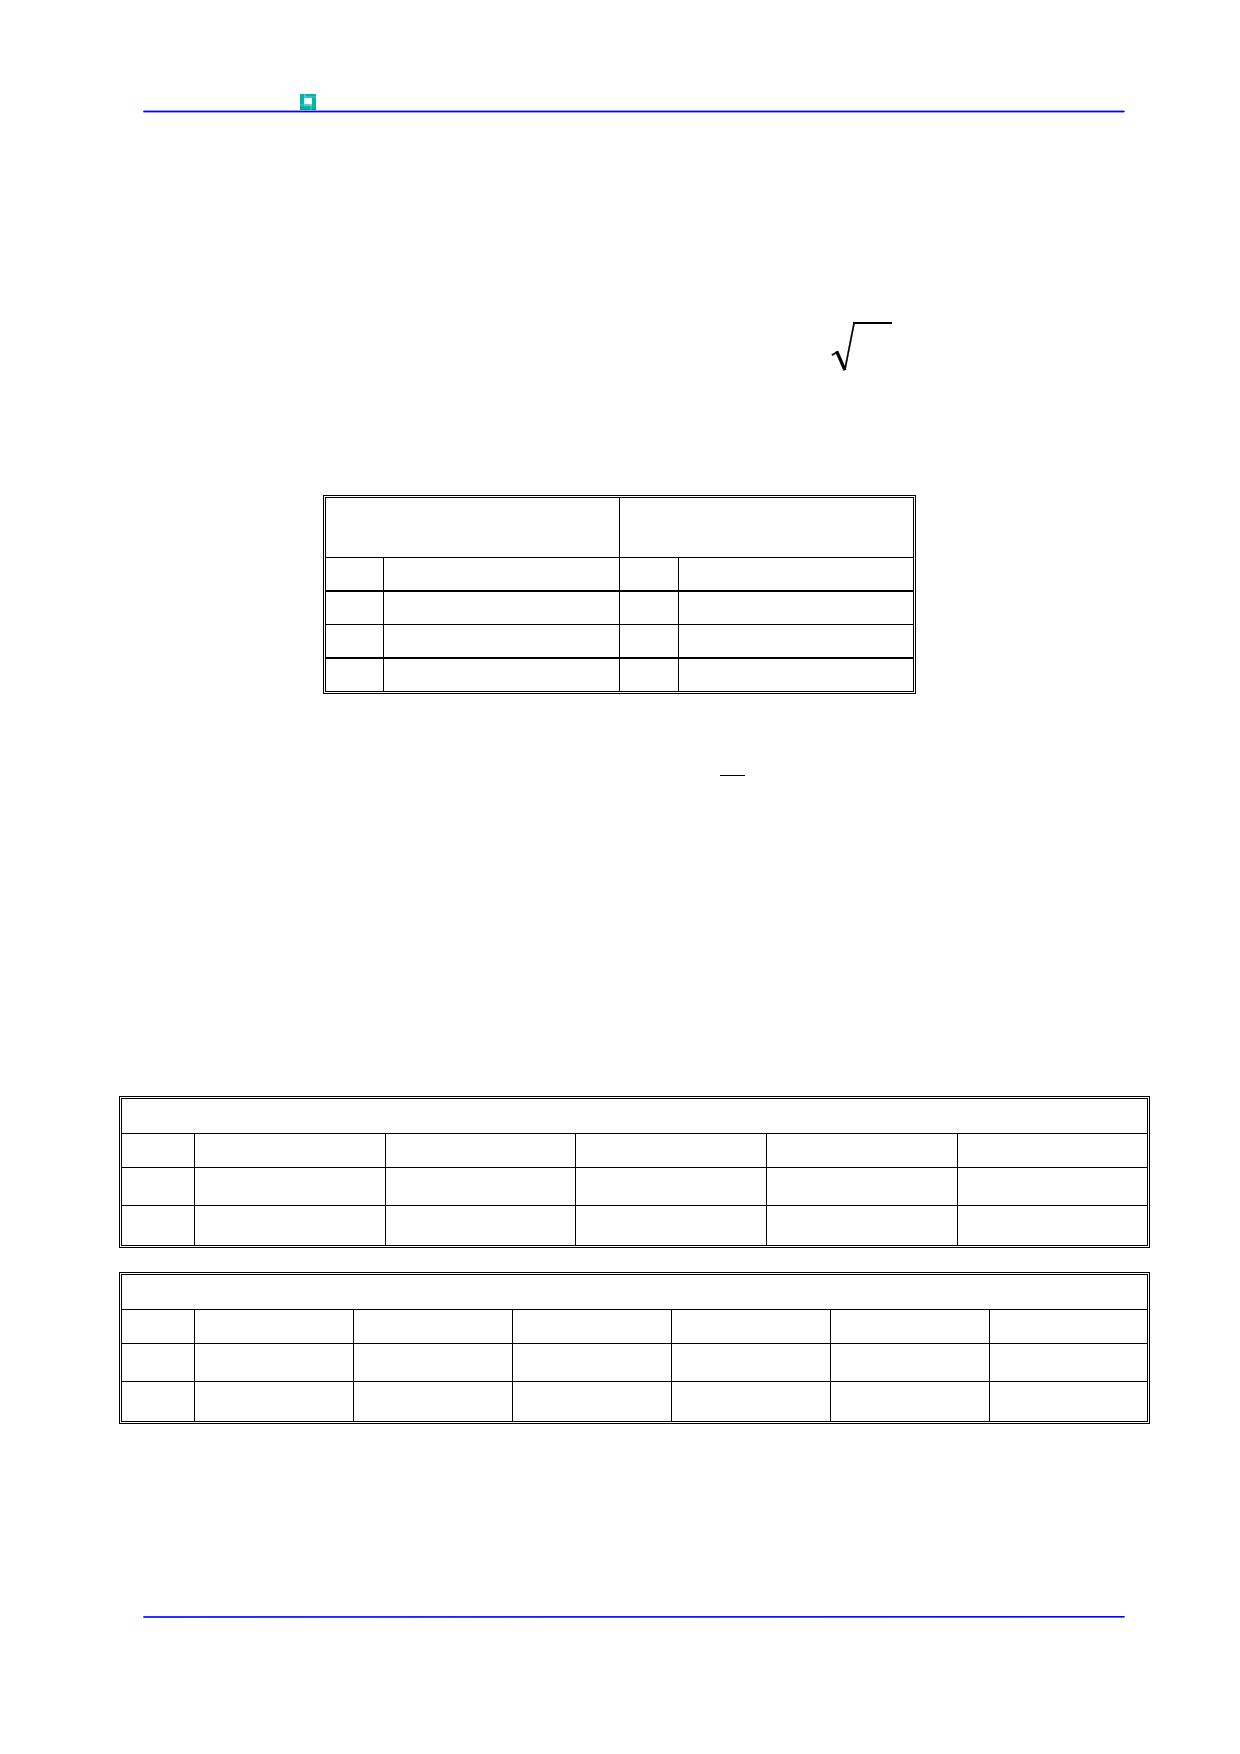 K0890NC380 pdf